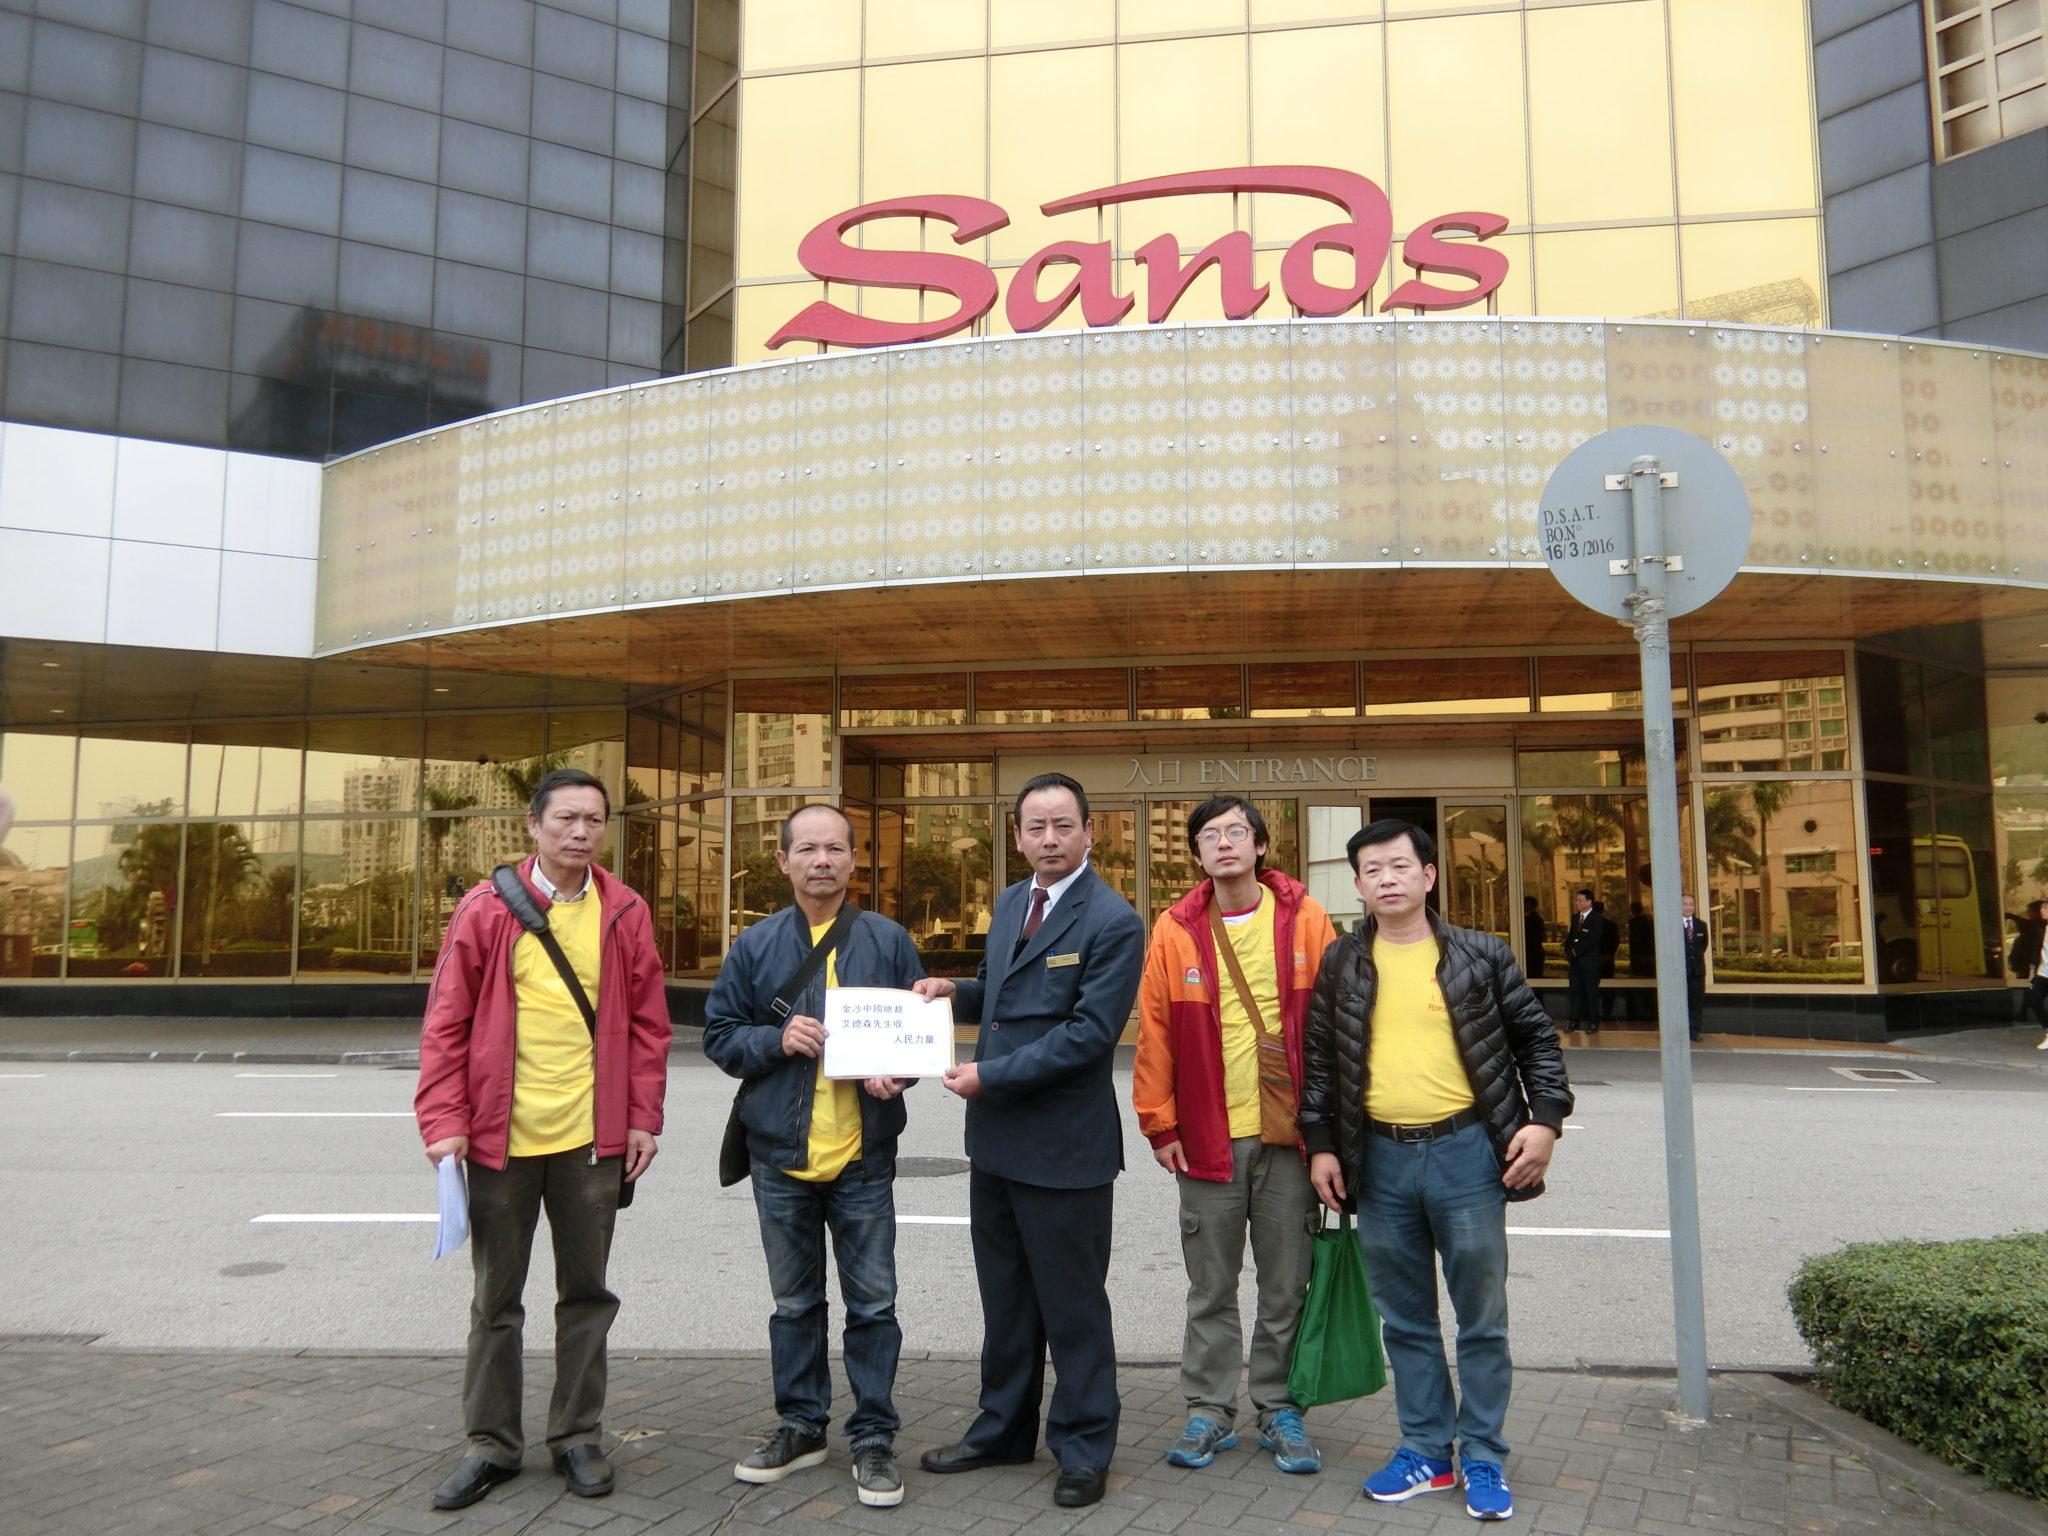 Salários | Poder do Povo pediu aumentos para funcionários da Sands